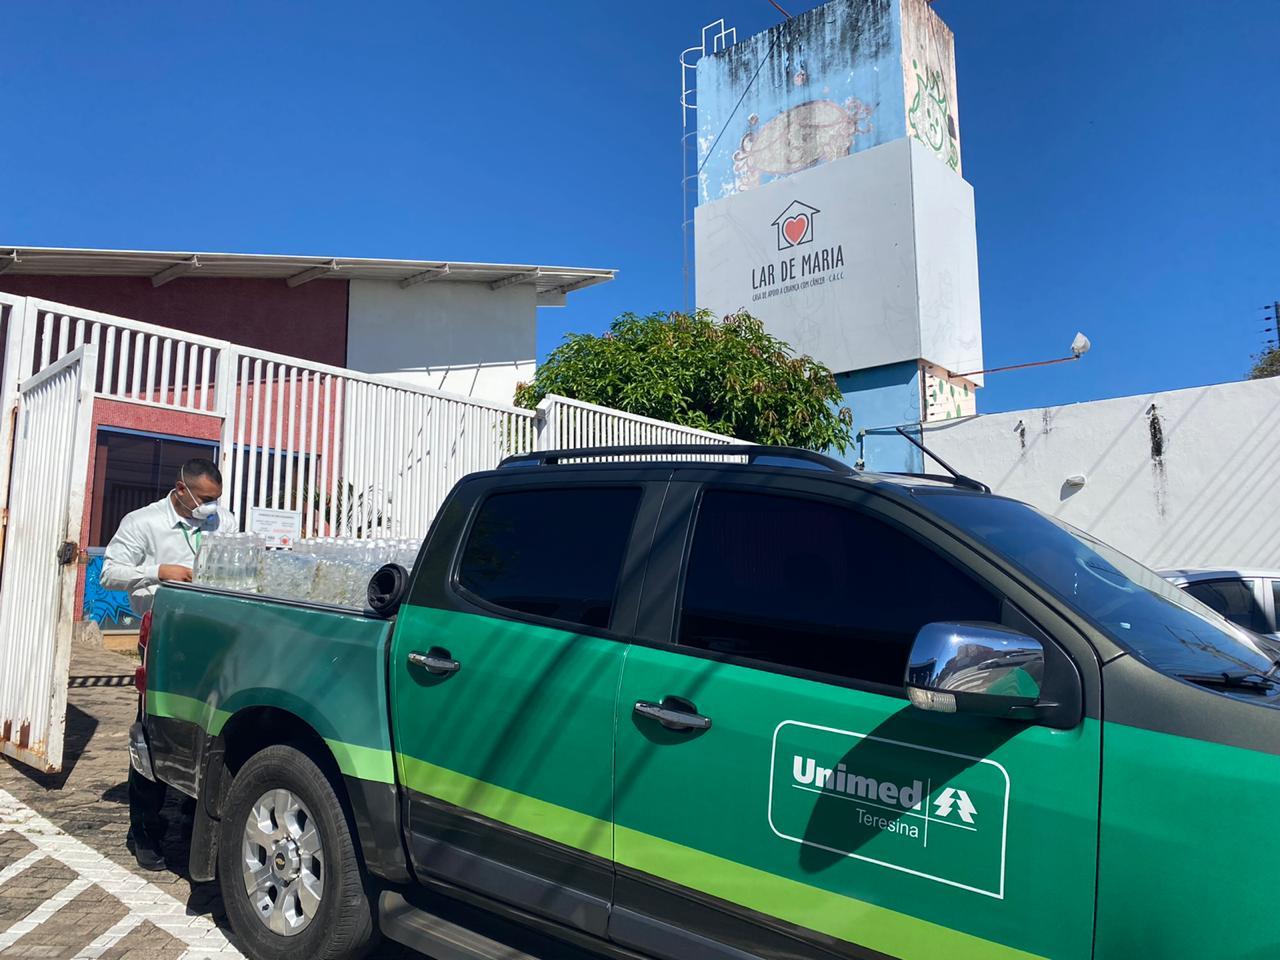 Unimed Teresina doa 100 fardos de água para o Lar de Maria - Imagem 1